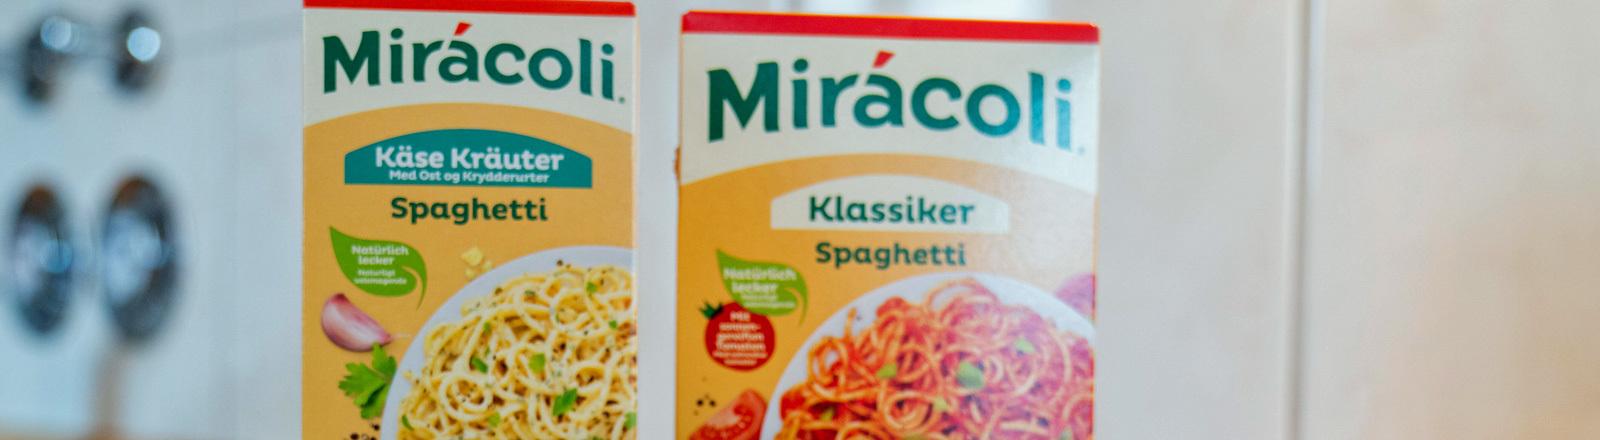 Zwei Packungen Miracoli.